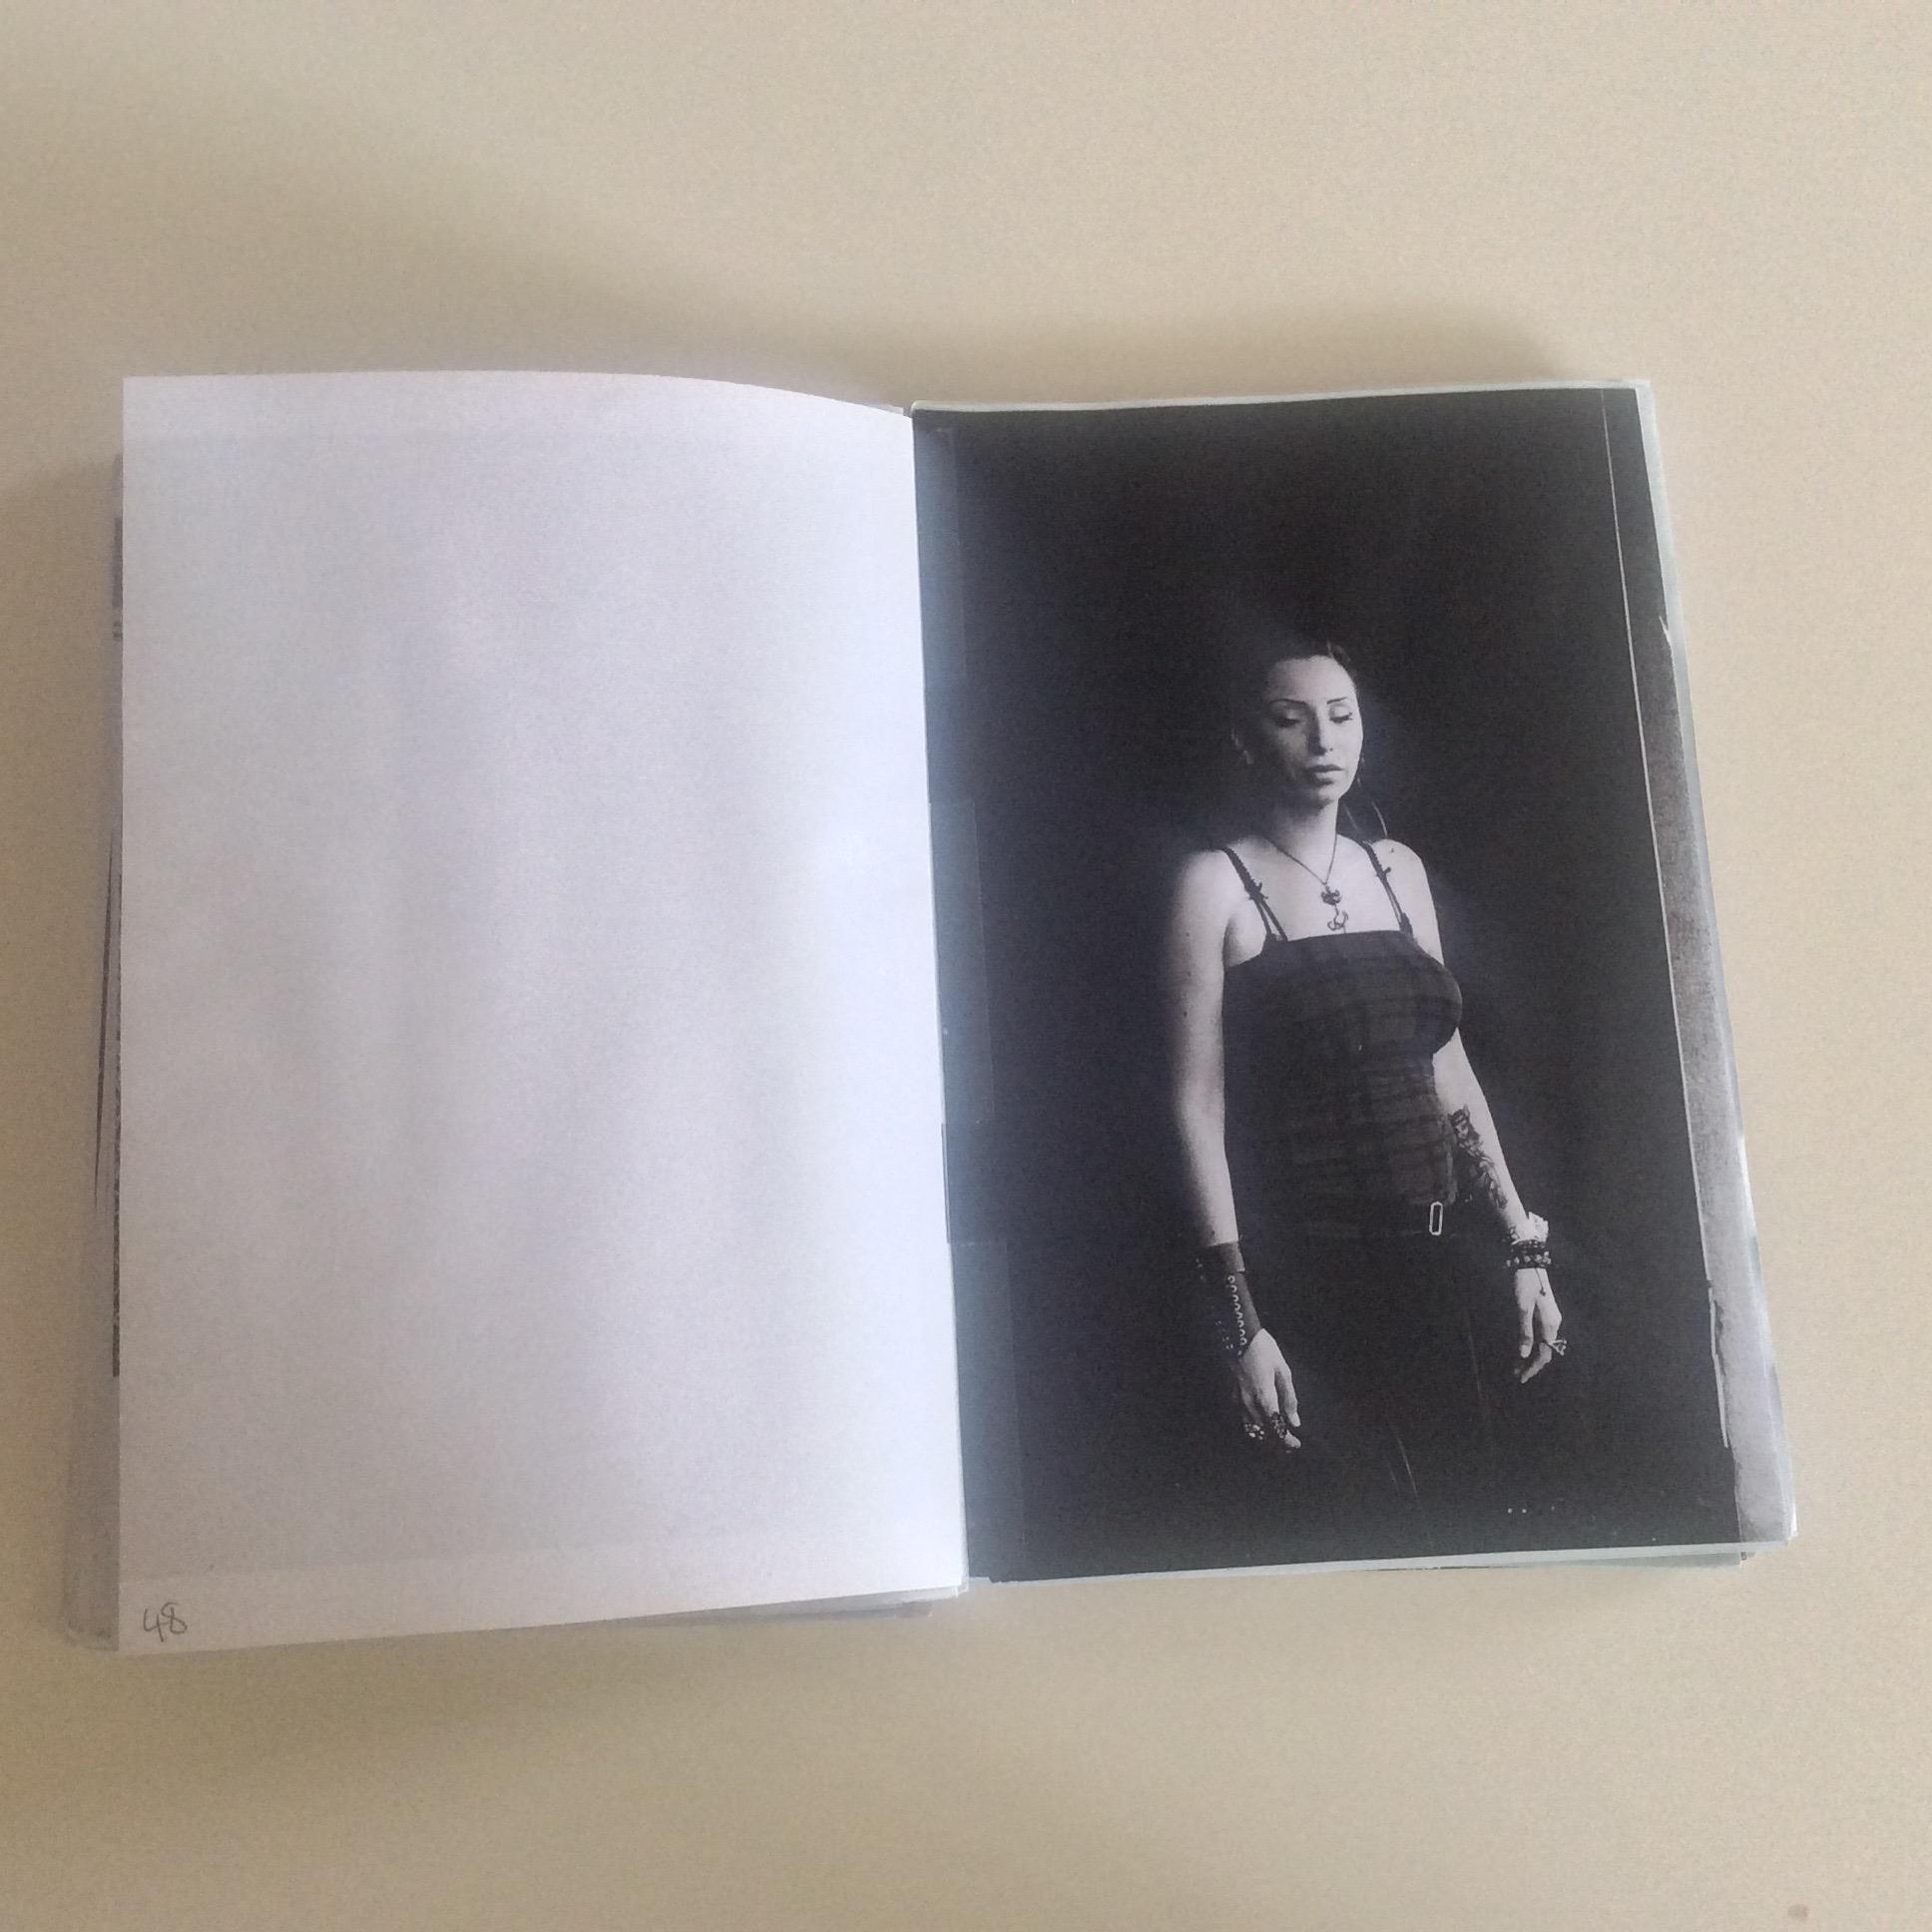 Photographies Sabrina Karp-dessin du livre Claire Jolin-les editions orange claireIMG_1478